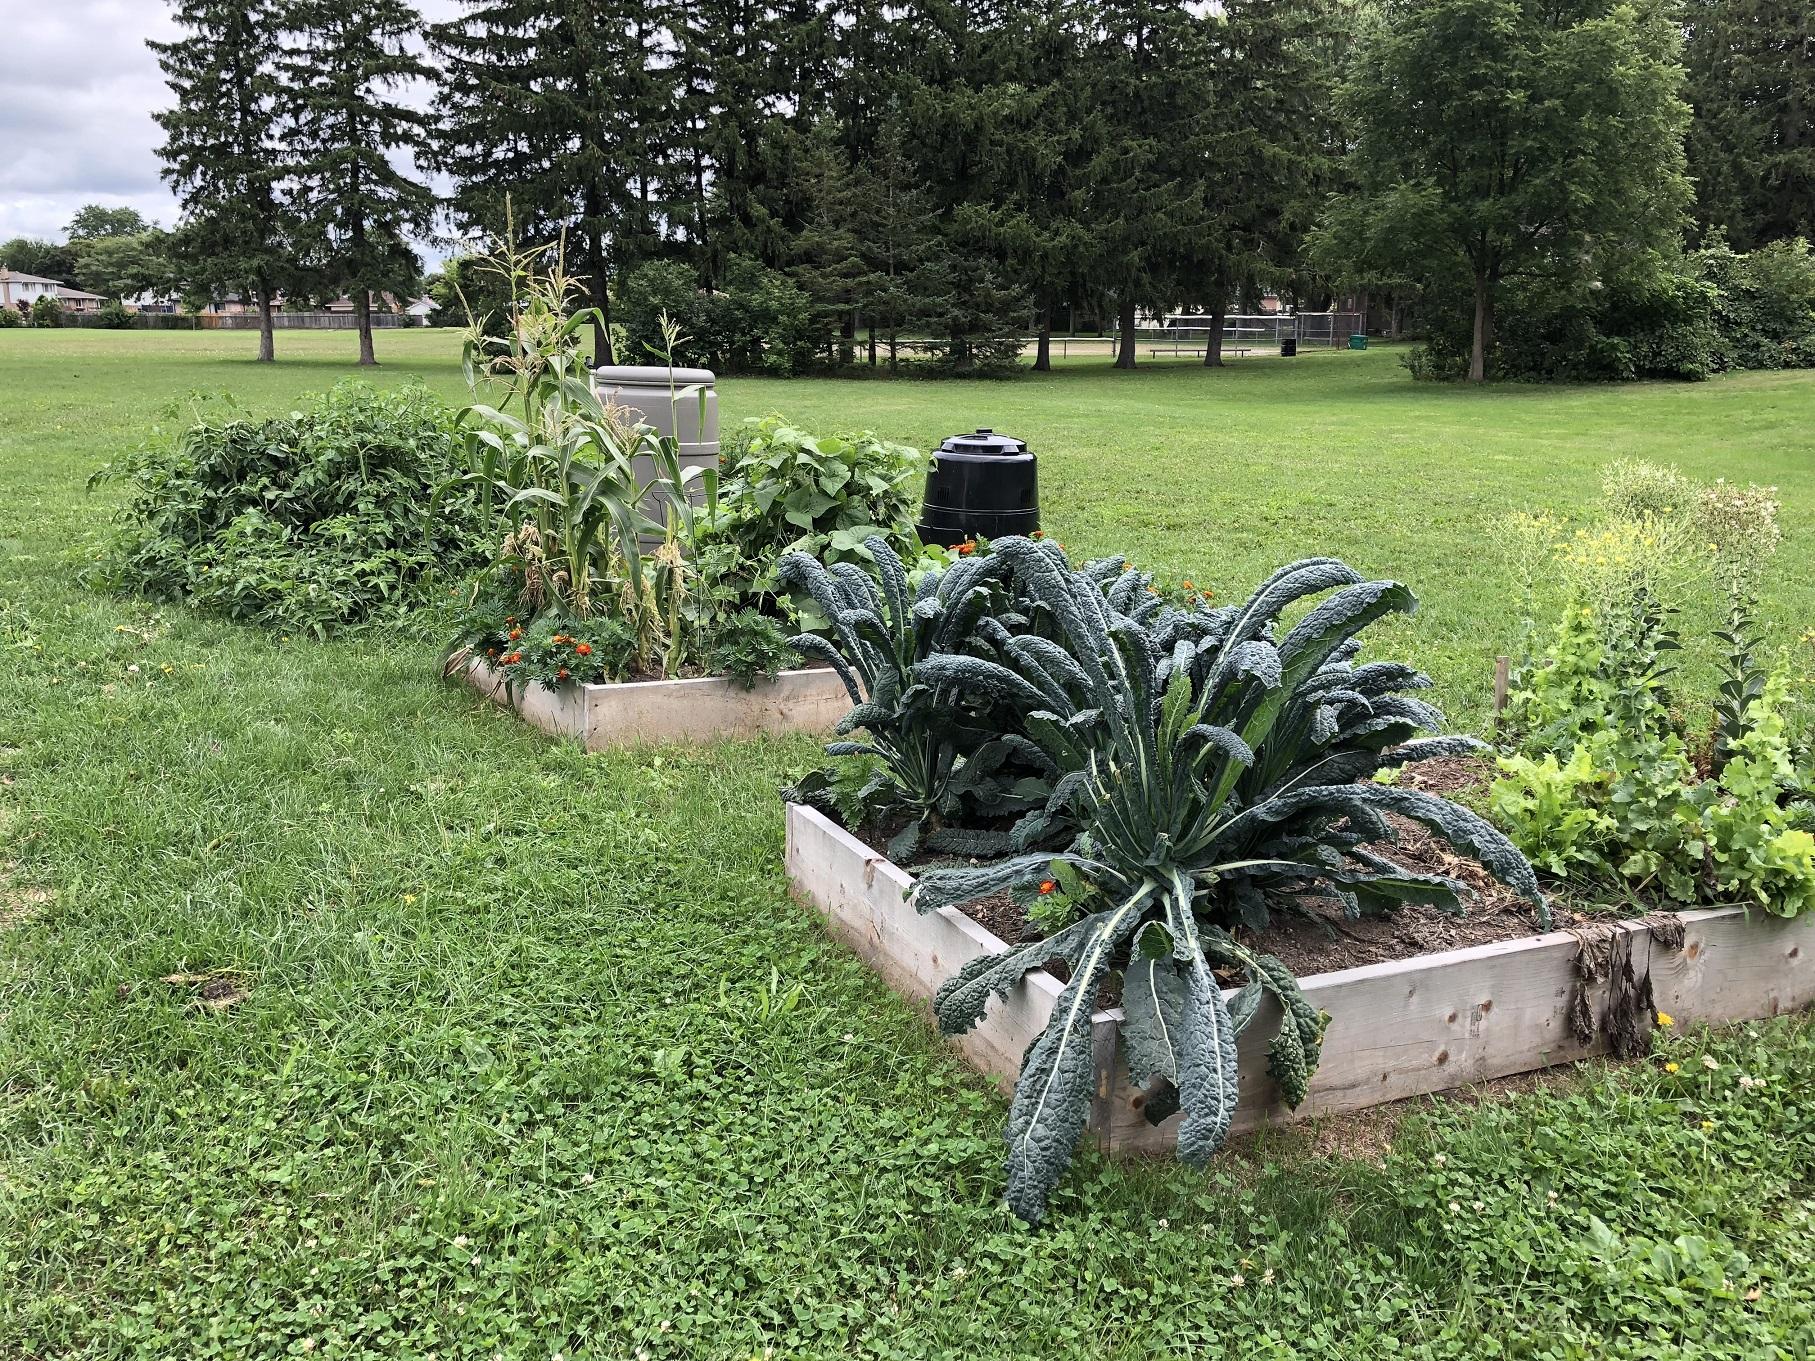 30-08-2018 Spring Gardens (3)resize.jpg